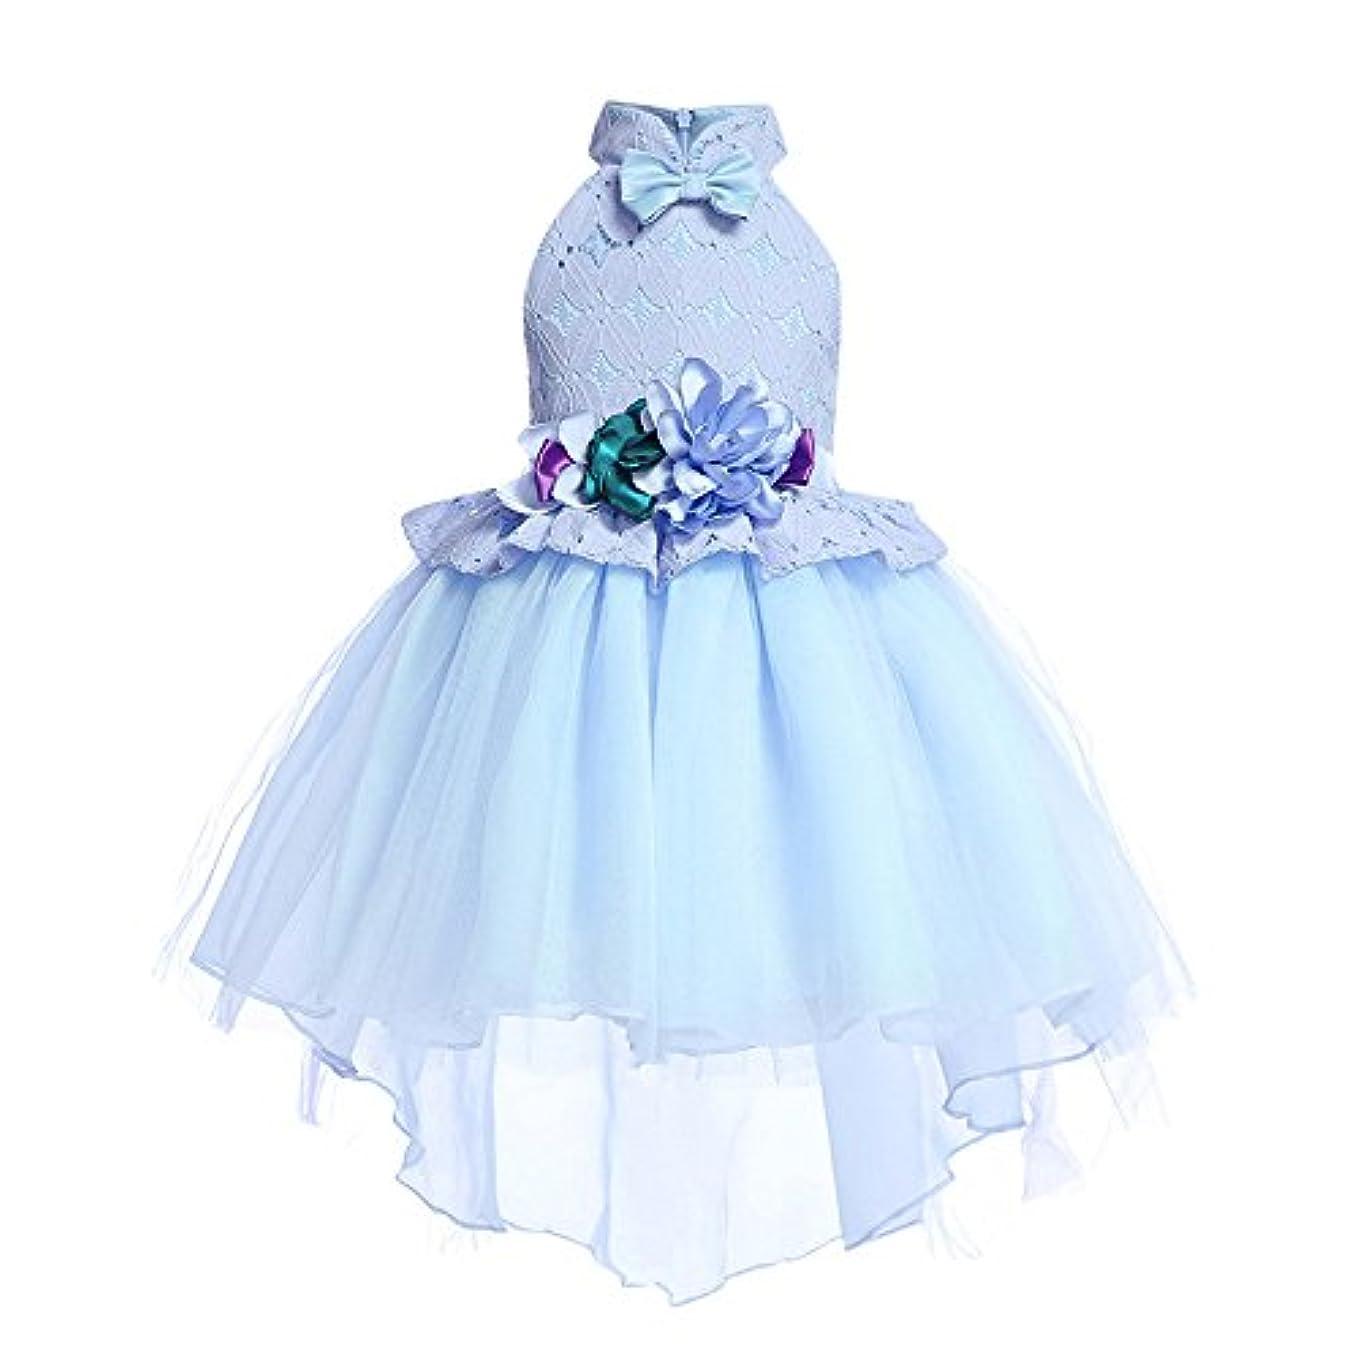 したがって盗難腐敗したMhomzawa ドレス 女の子 子供 ドレス 舞台 衣装 発表会 ドレス 花柄 パニエ 女の子 フォーマルドレス ピアノ 発表会 こどもドレス キッズ ドレス 結婚式 演奏会 誕生会 パーティ